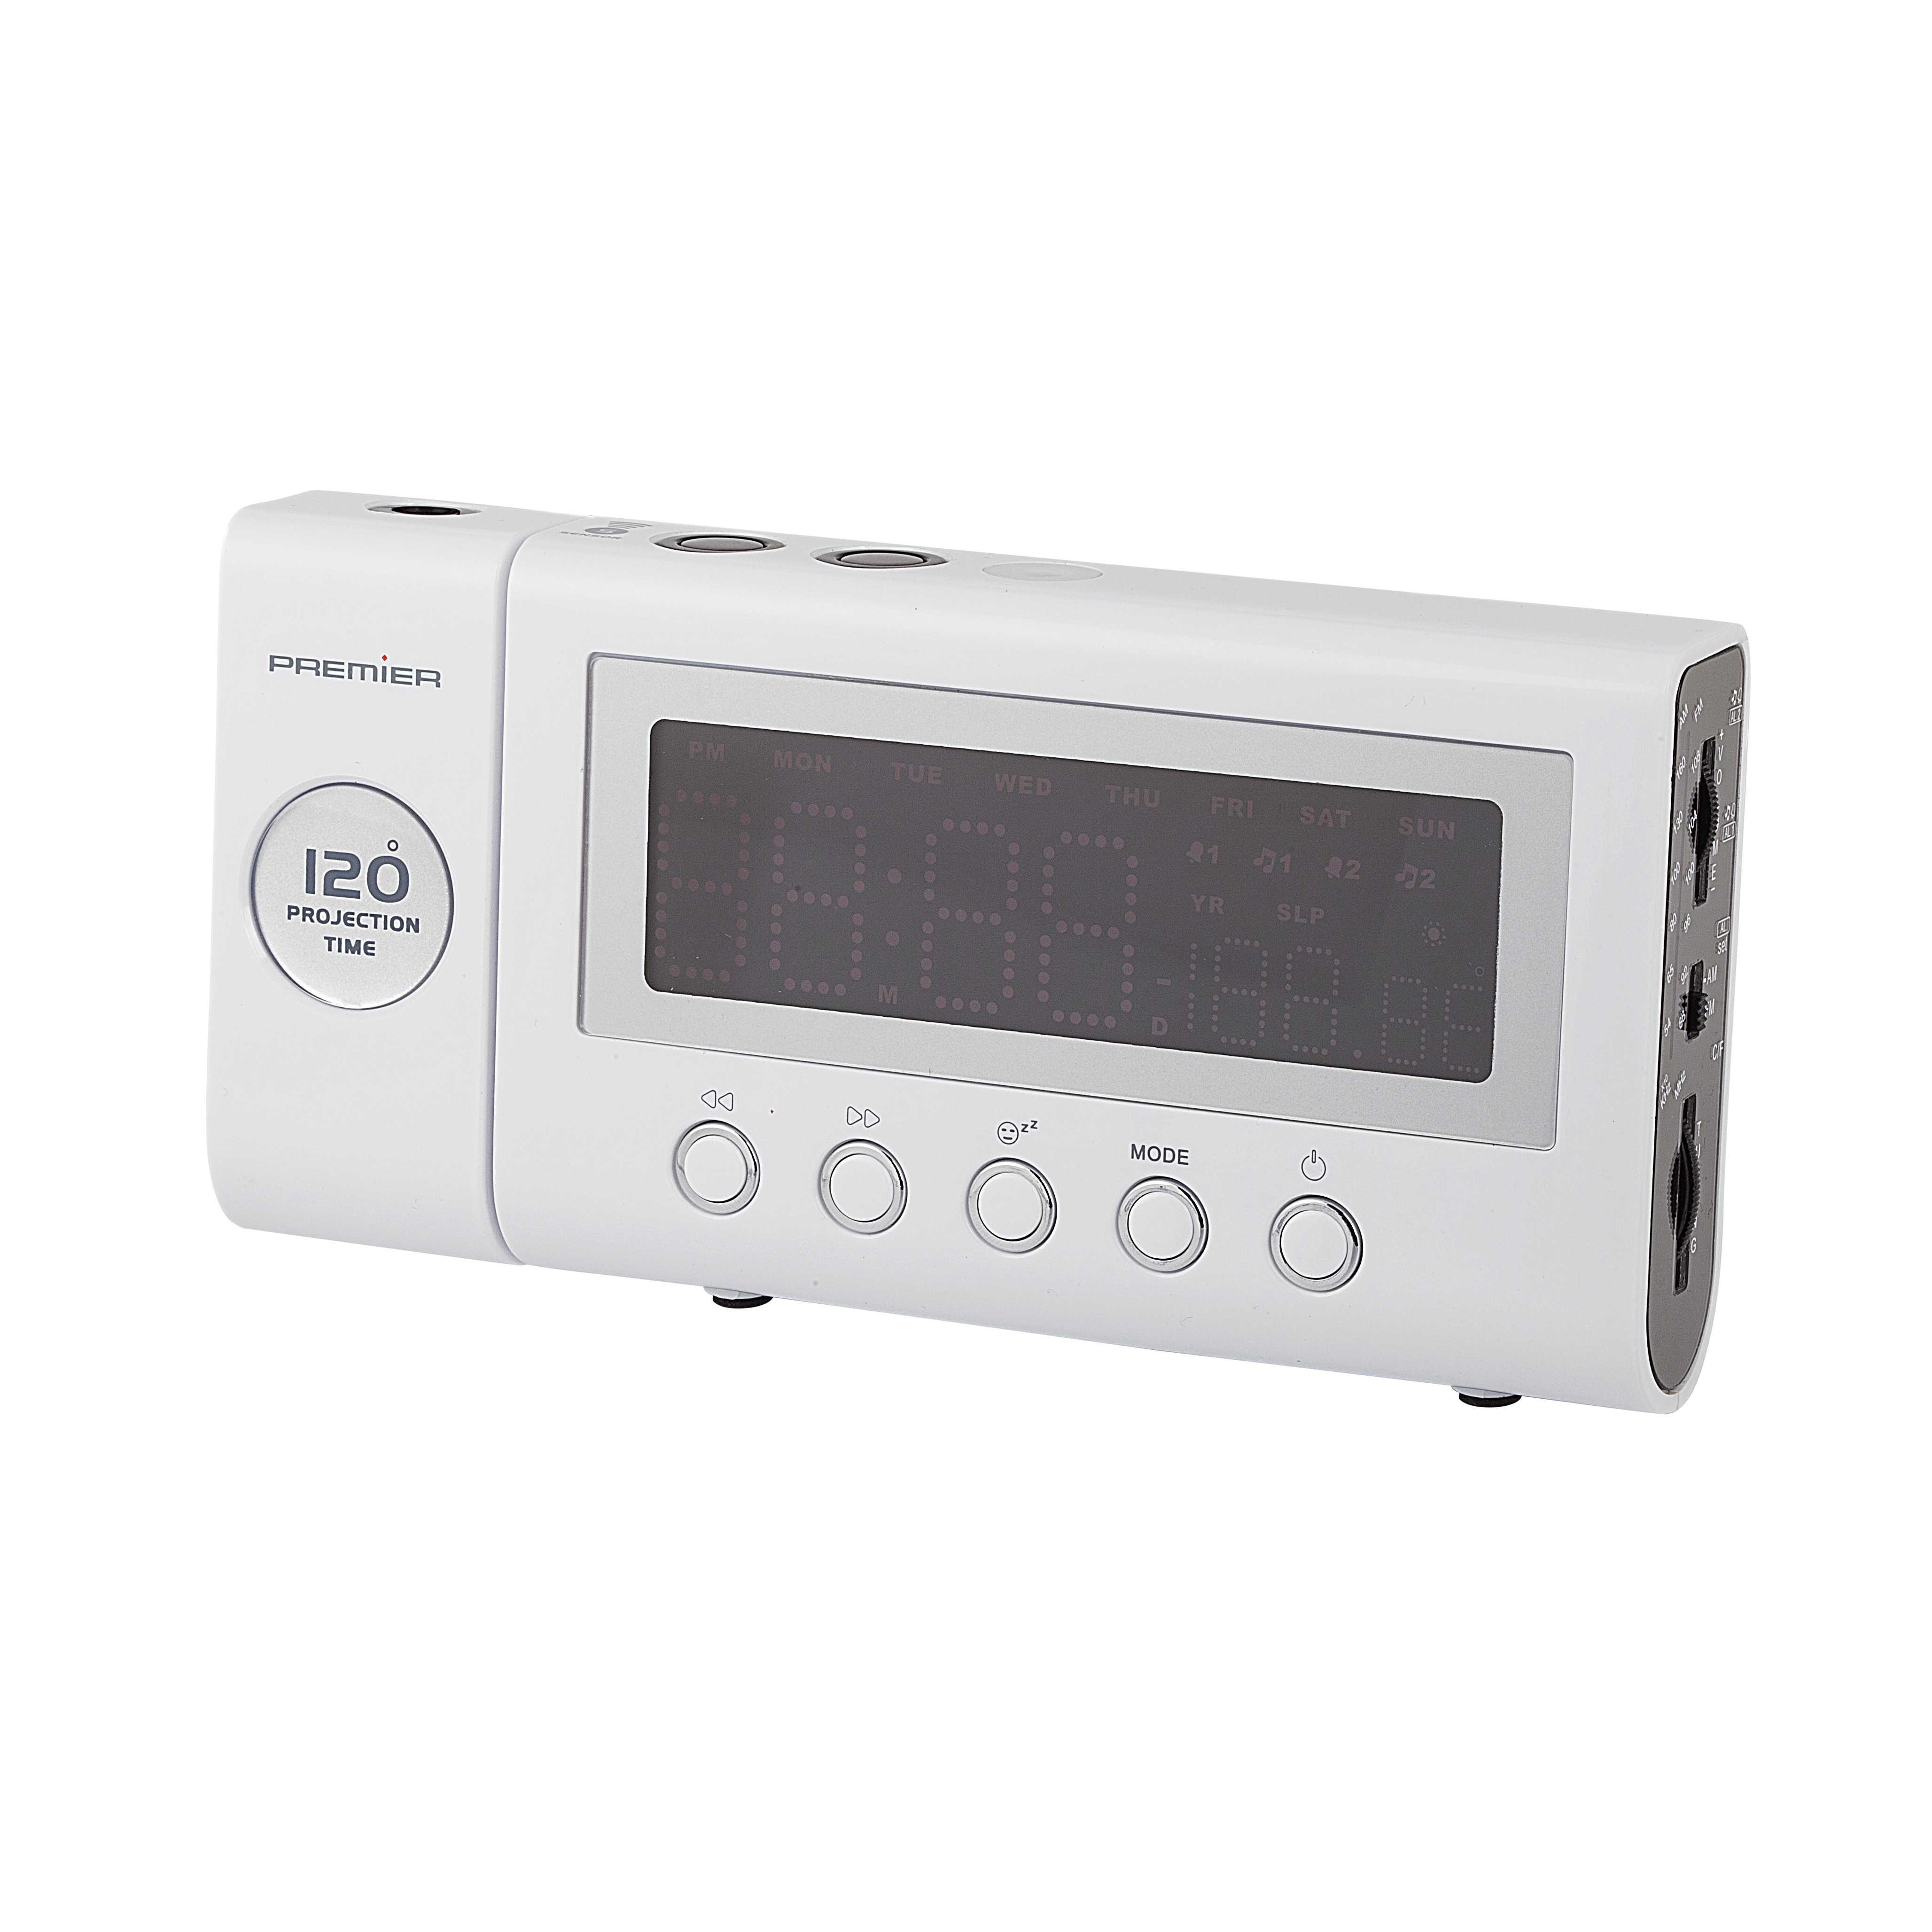 Prc 98 Alarm Saatli Radyo Projektörlü